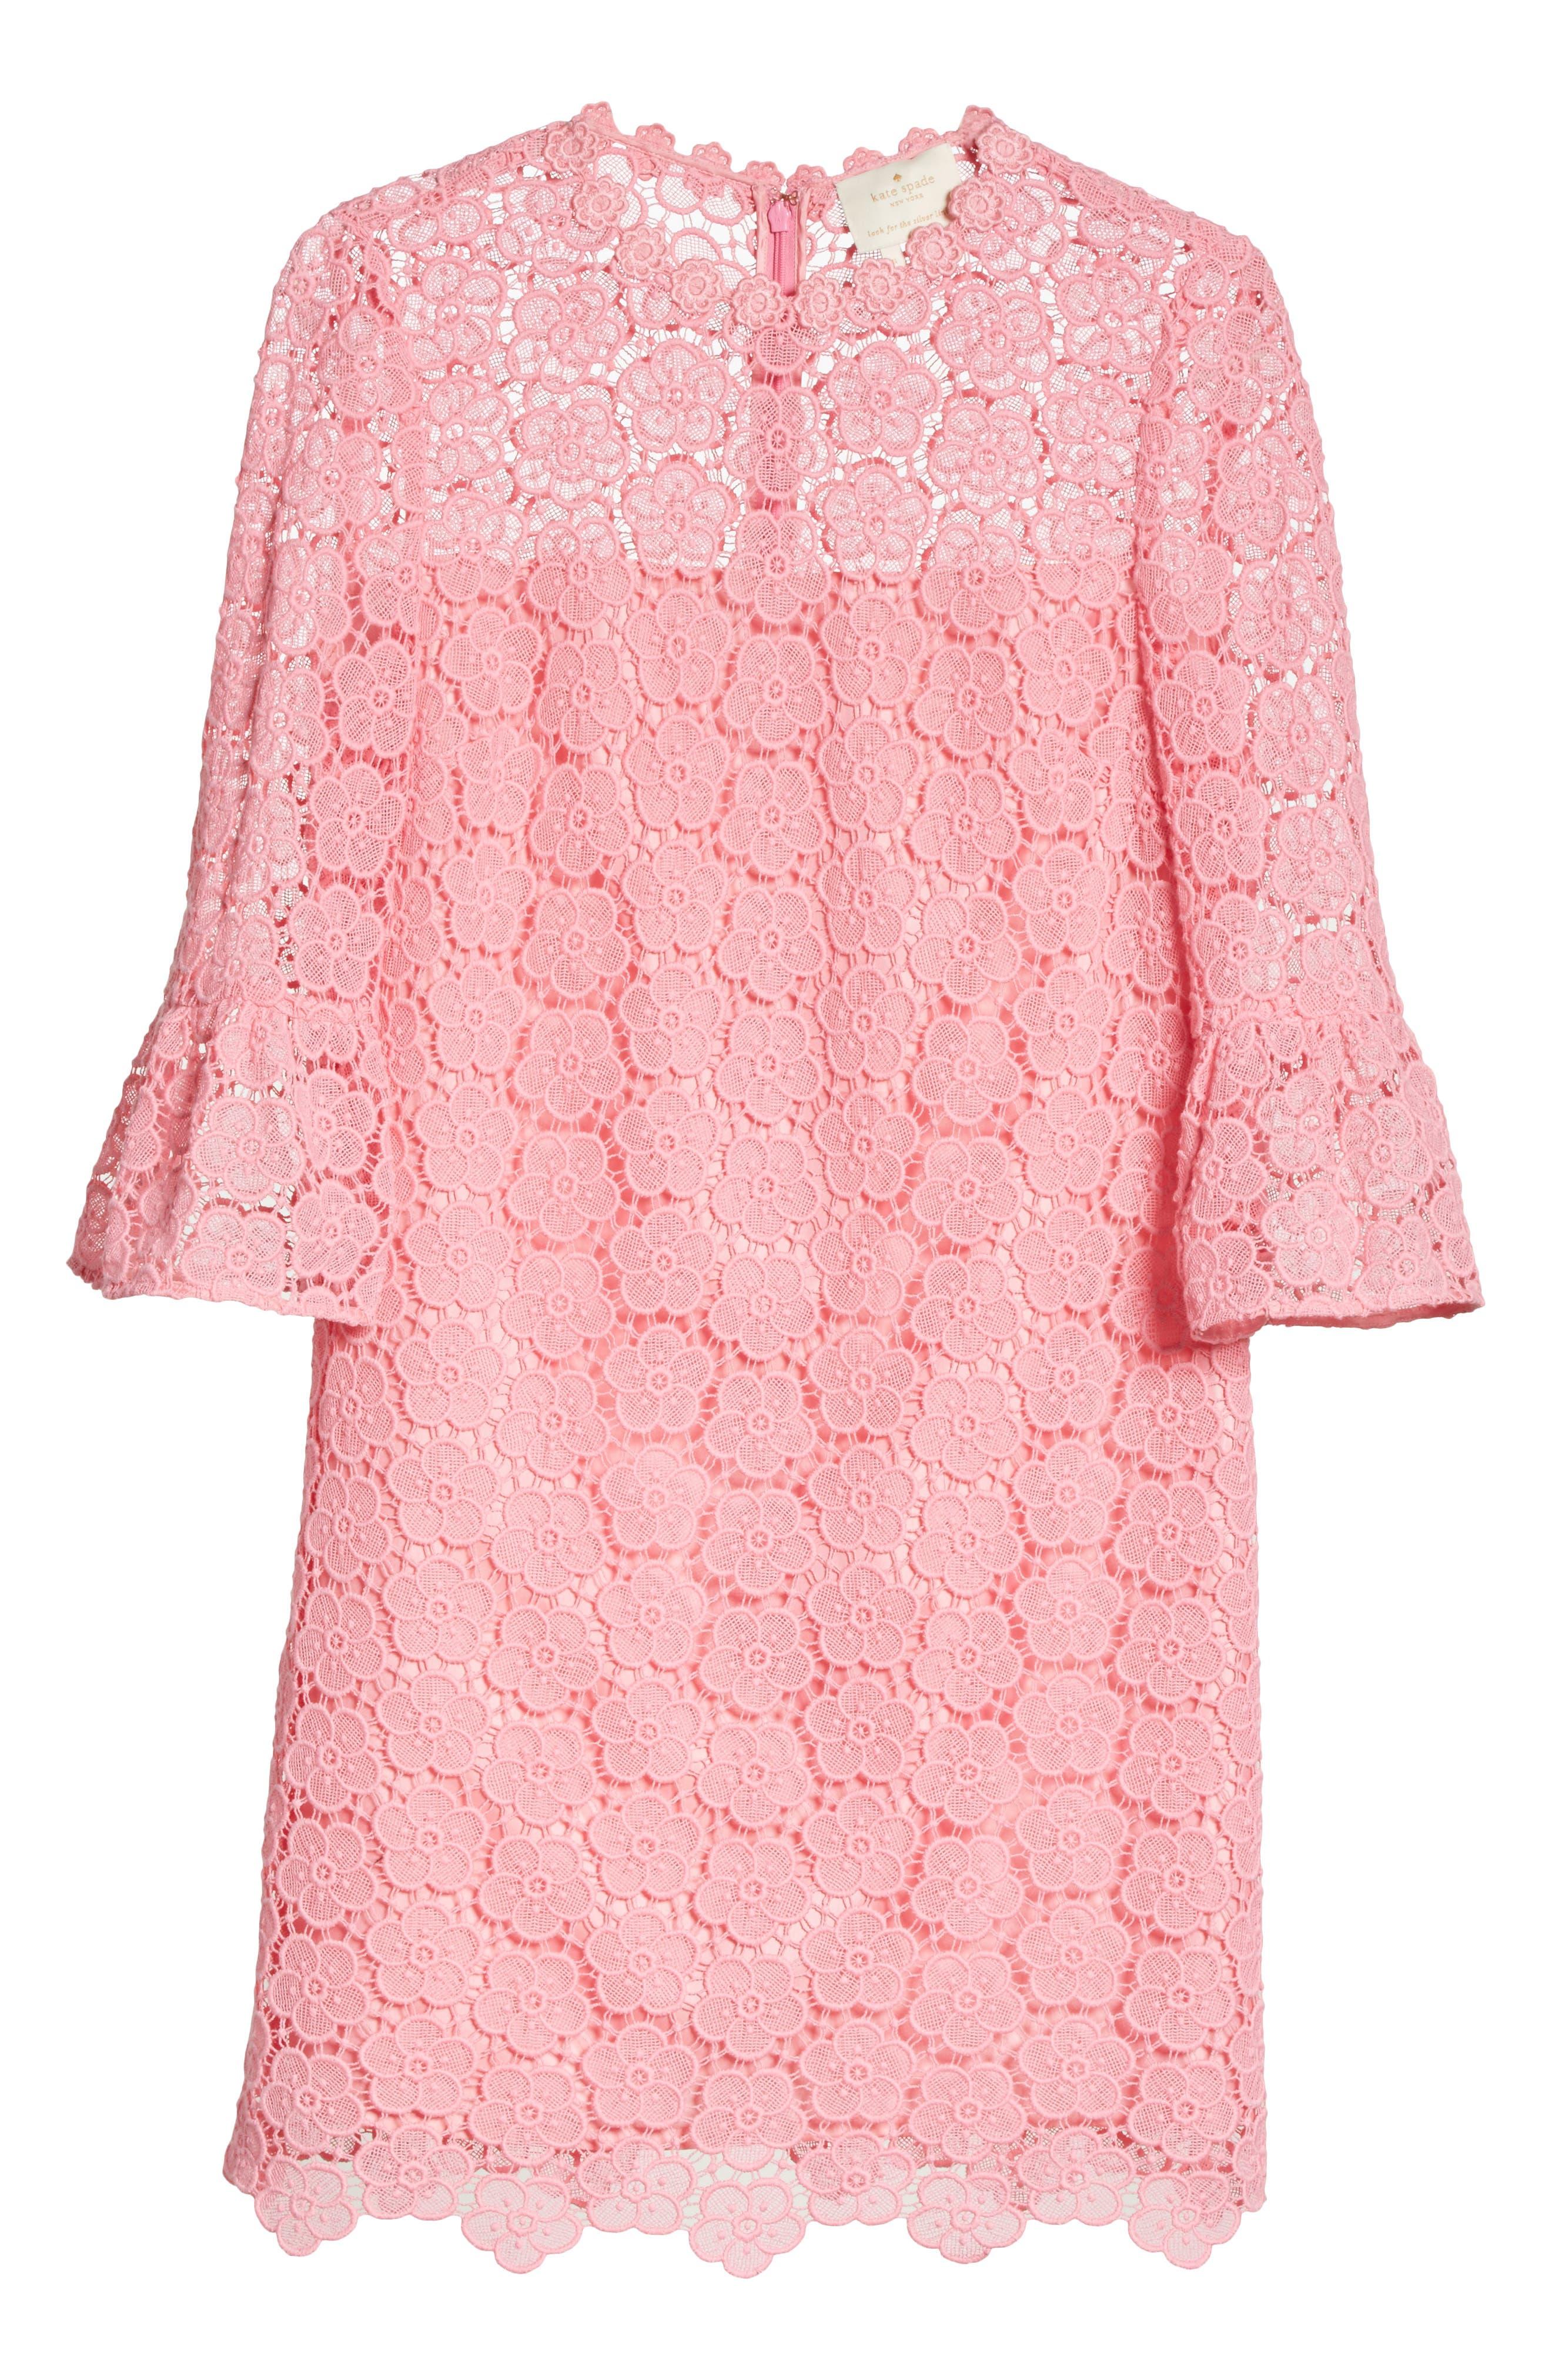 bloom flower lace shift dress,                             Alternate thumbnail 6, color,                             Parisian Pink